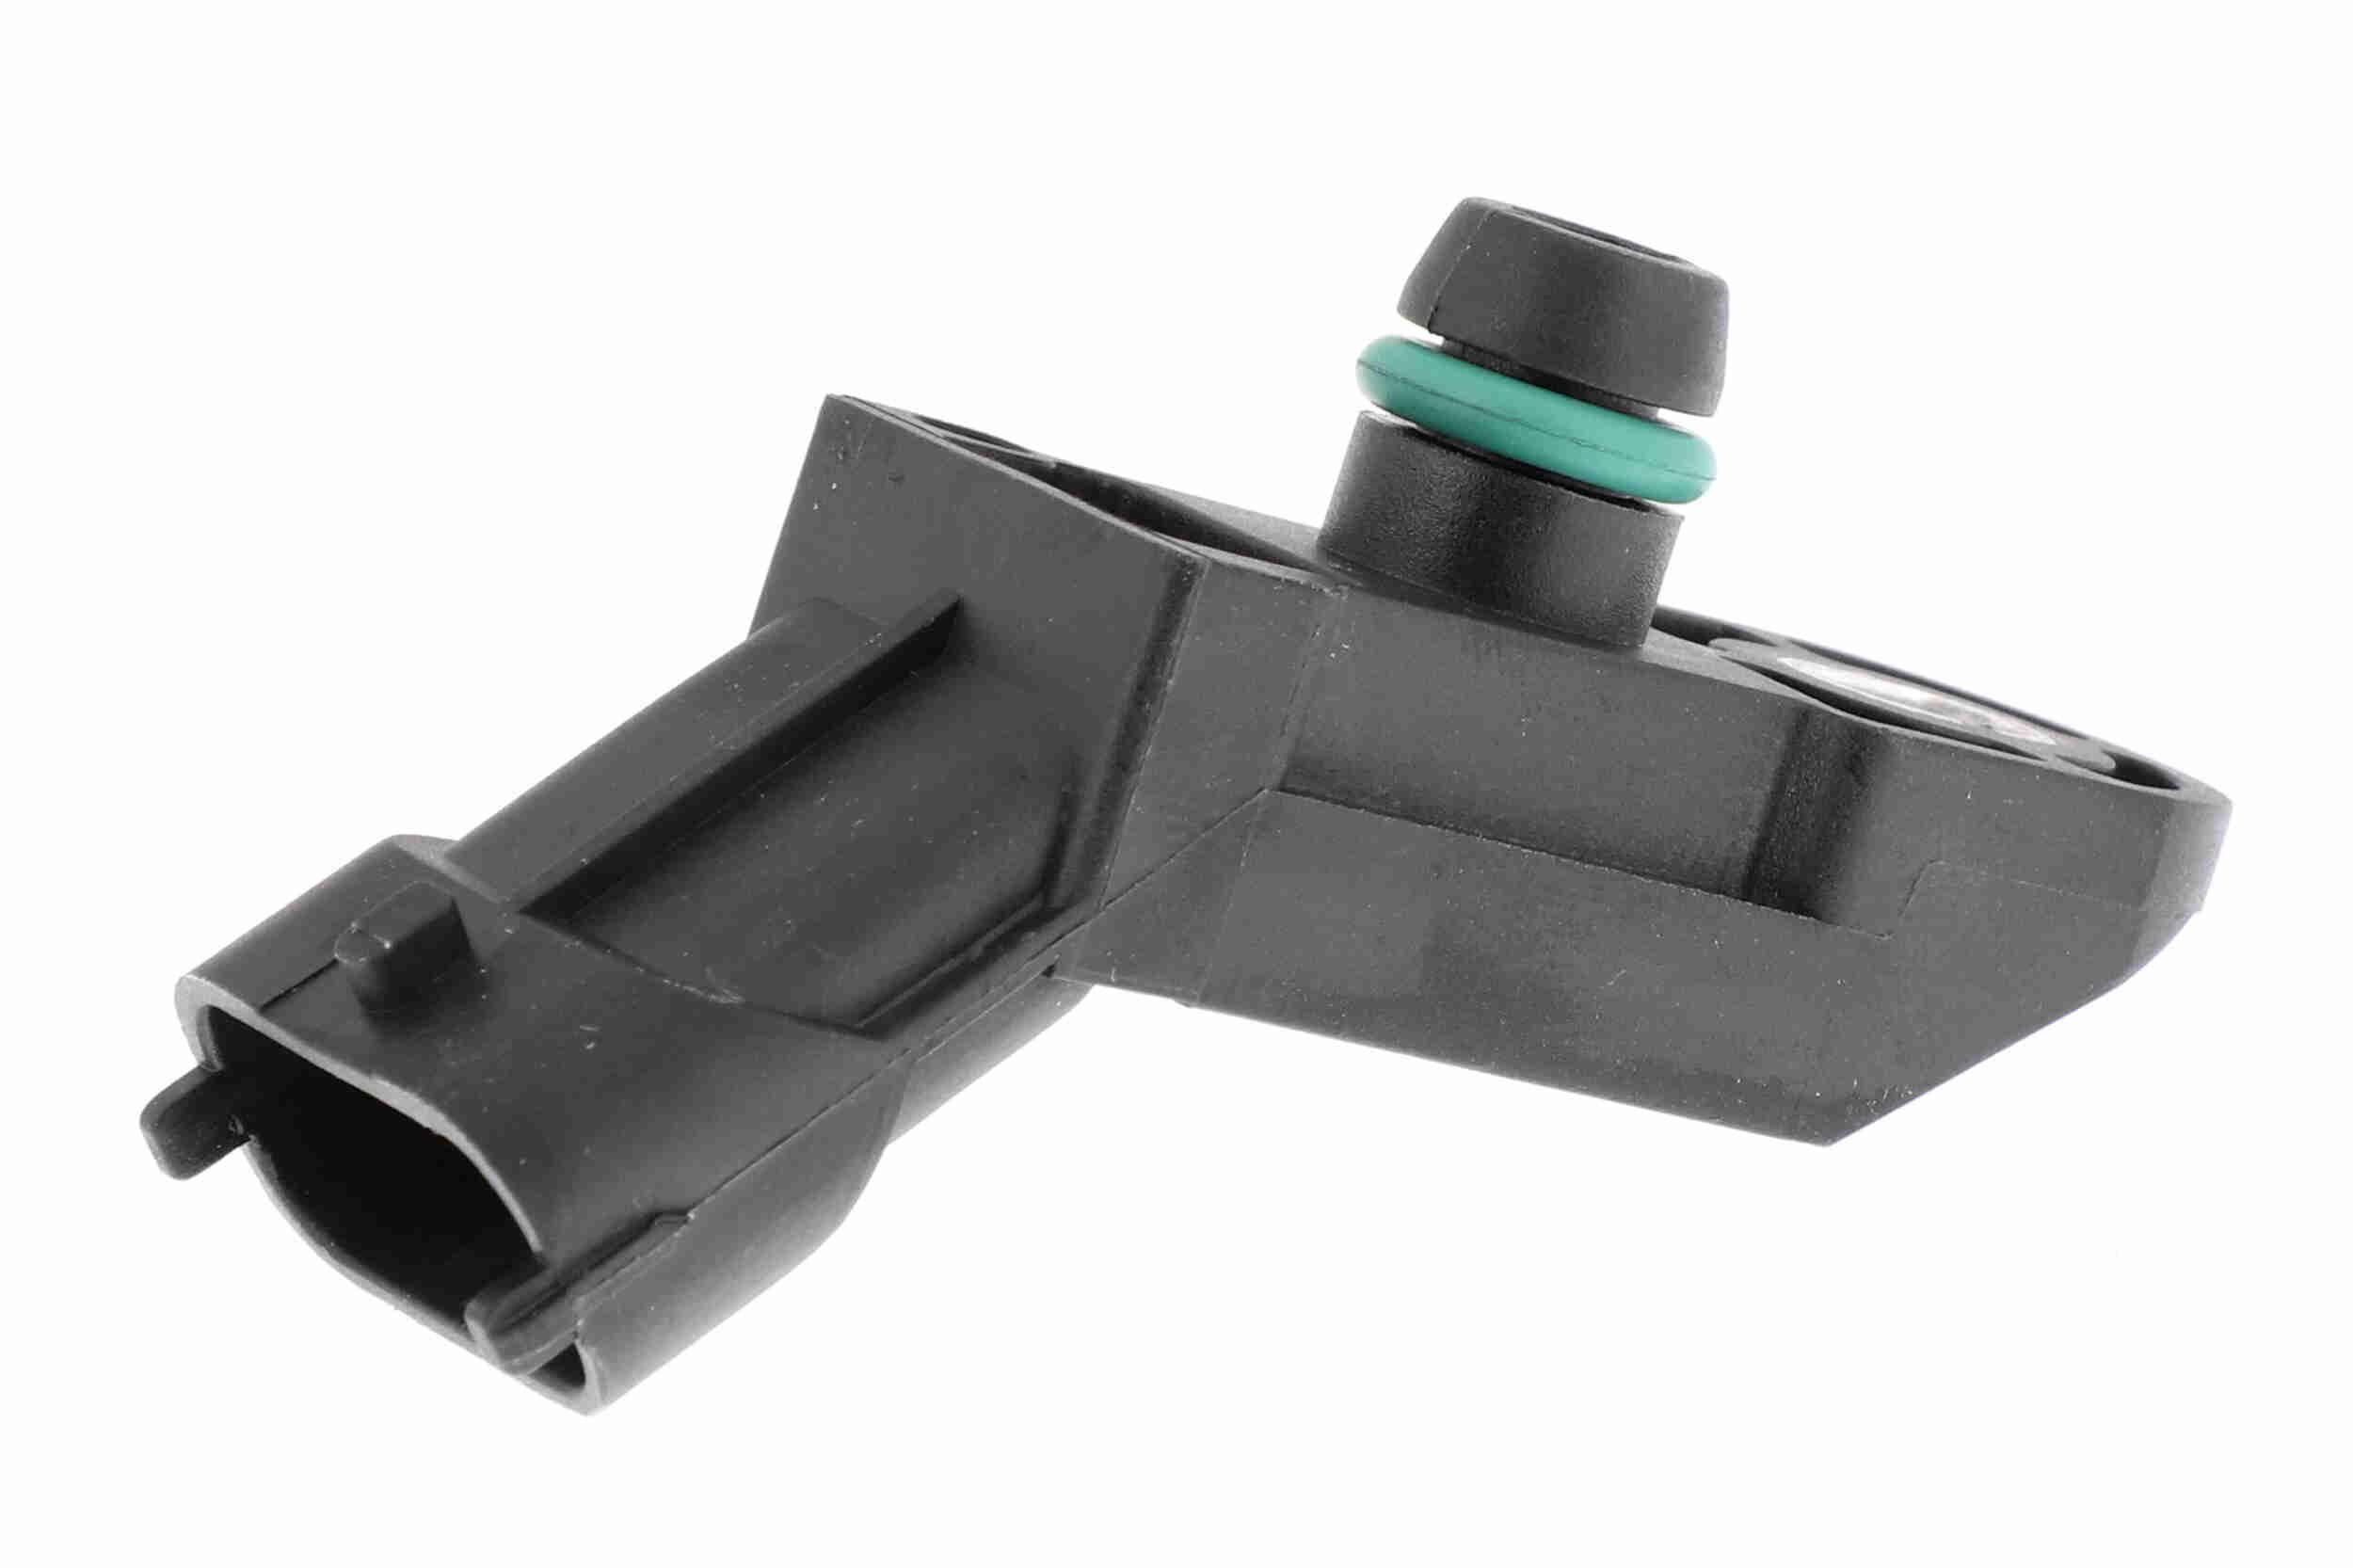 VEMO: Original Map Sensor V40-72-0416-1 (Pol-Anzahl: 3-polig)